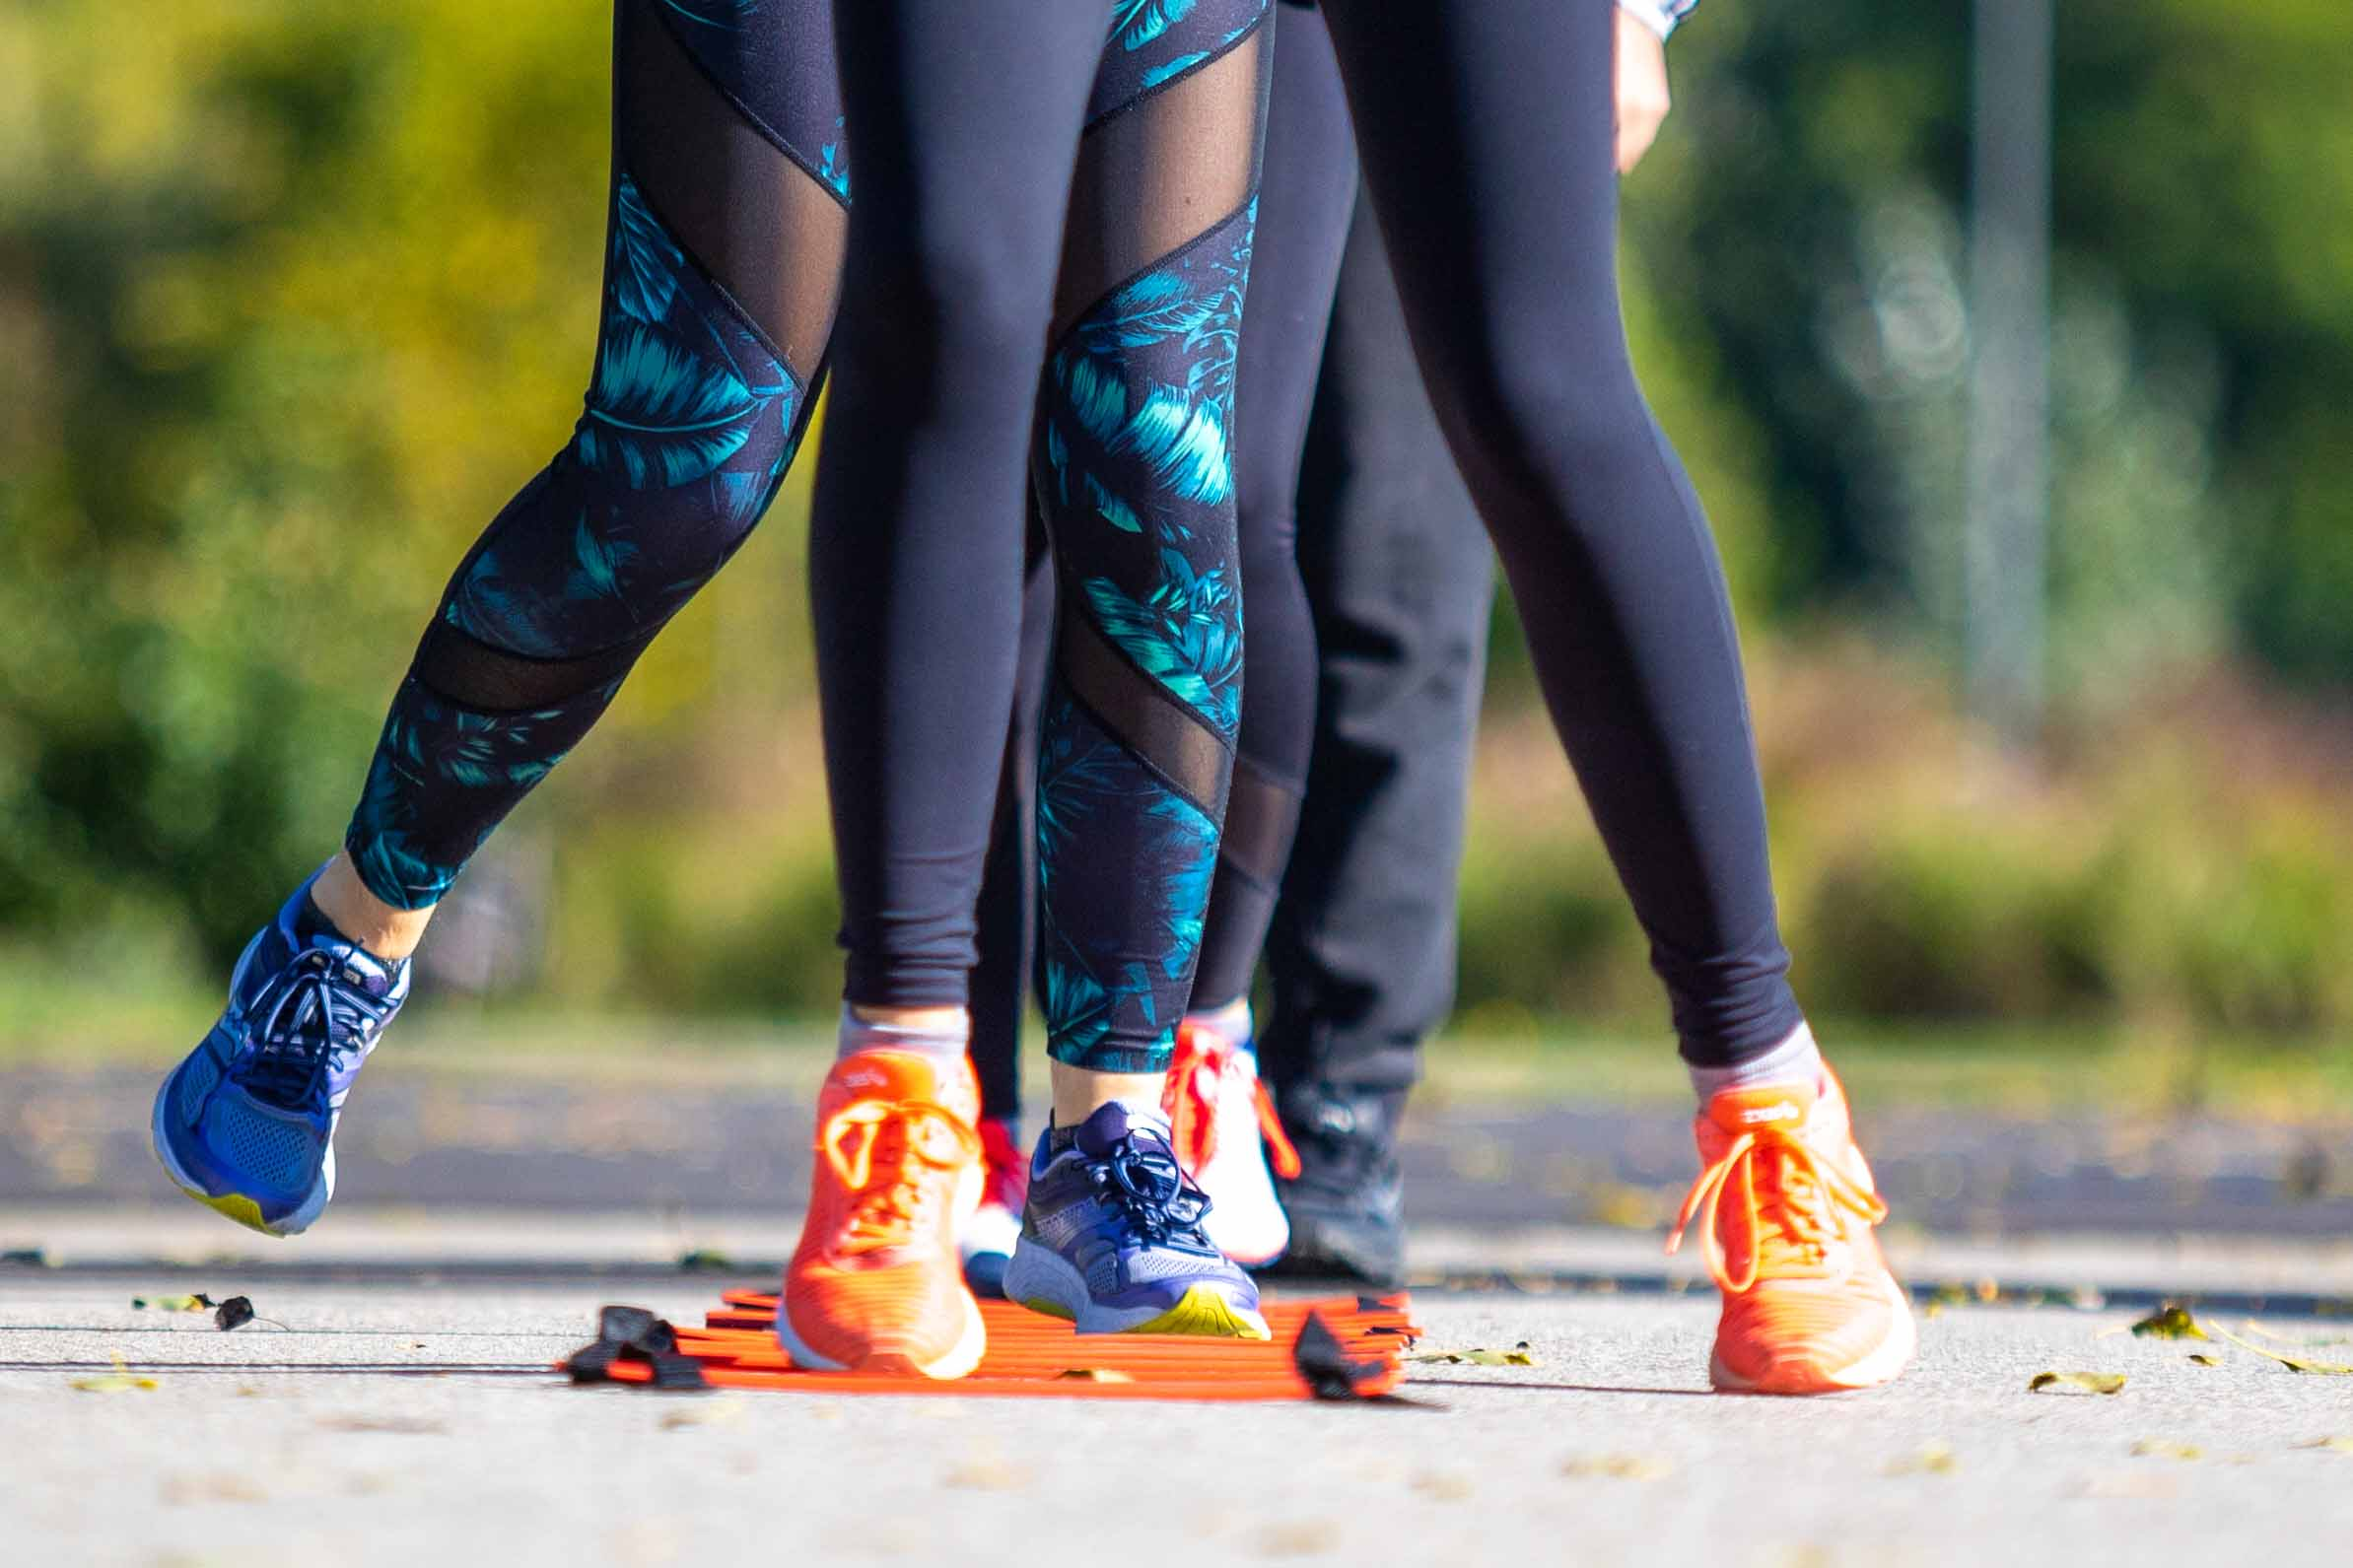 Laufgruppe beim Lauftechniktraining im Park, Beine, die über die Laufleiter laufen